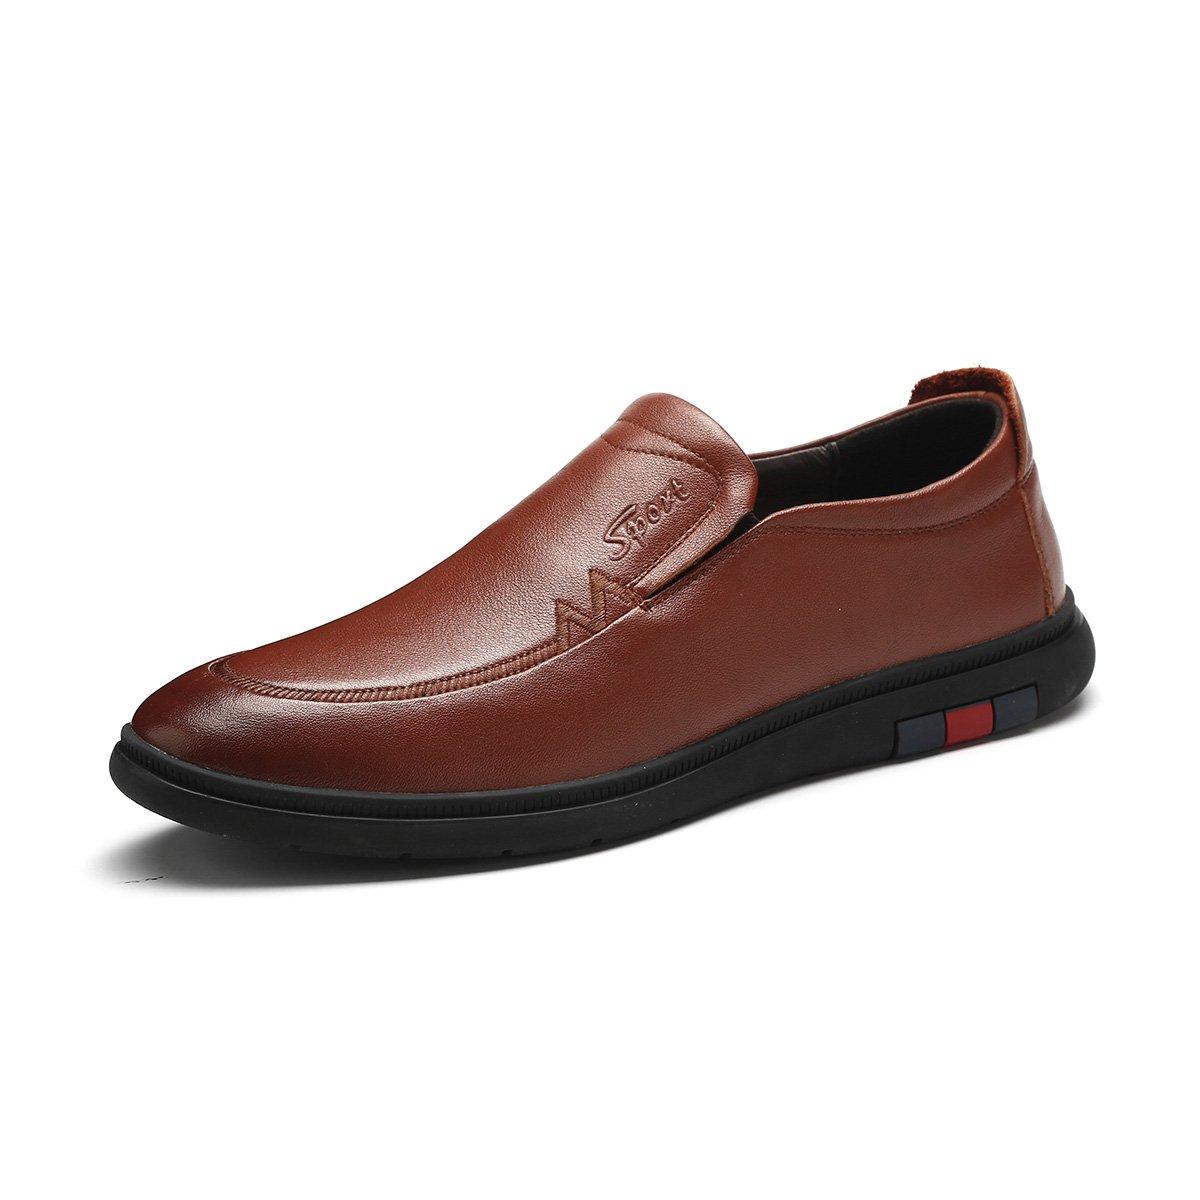 信诺新款秋季男士休闲鞋真皮系带男鞋韩版圆头时尚爸爸鞋潮流软底单鞋N31201棕色